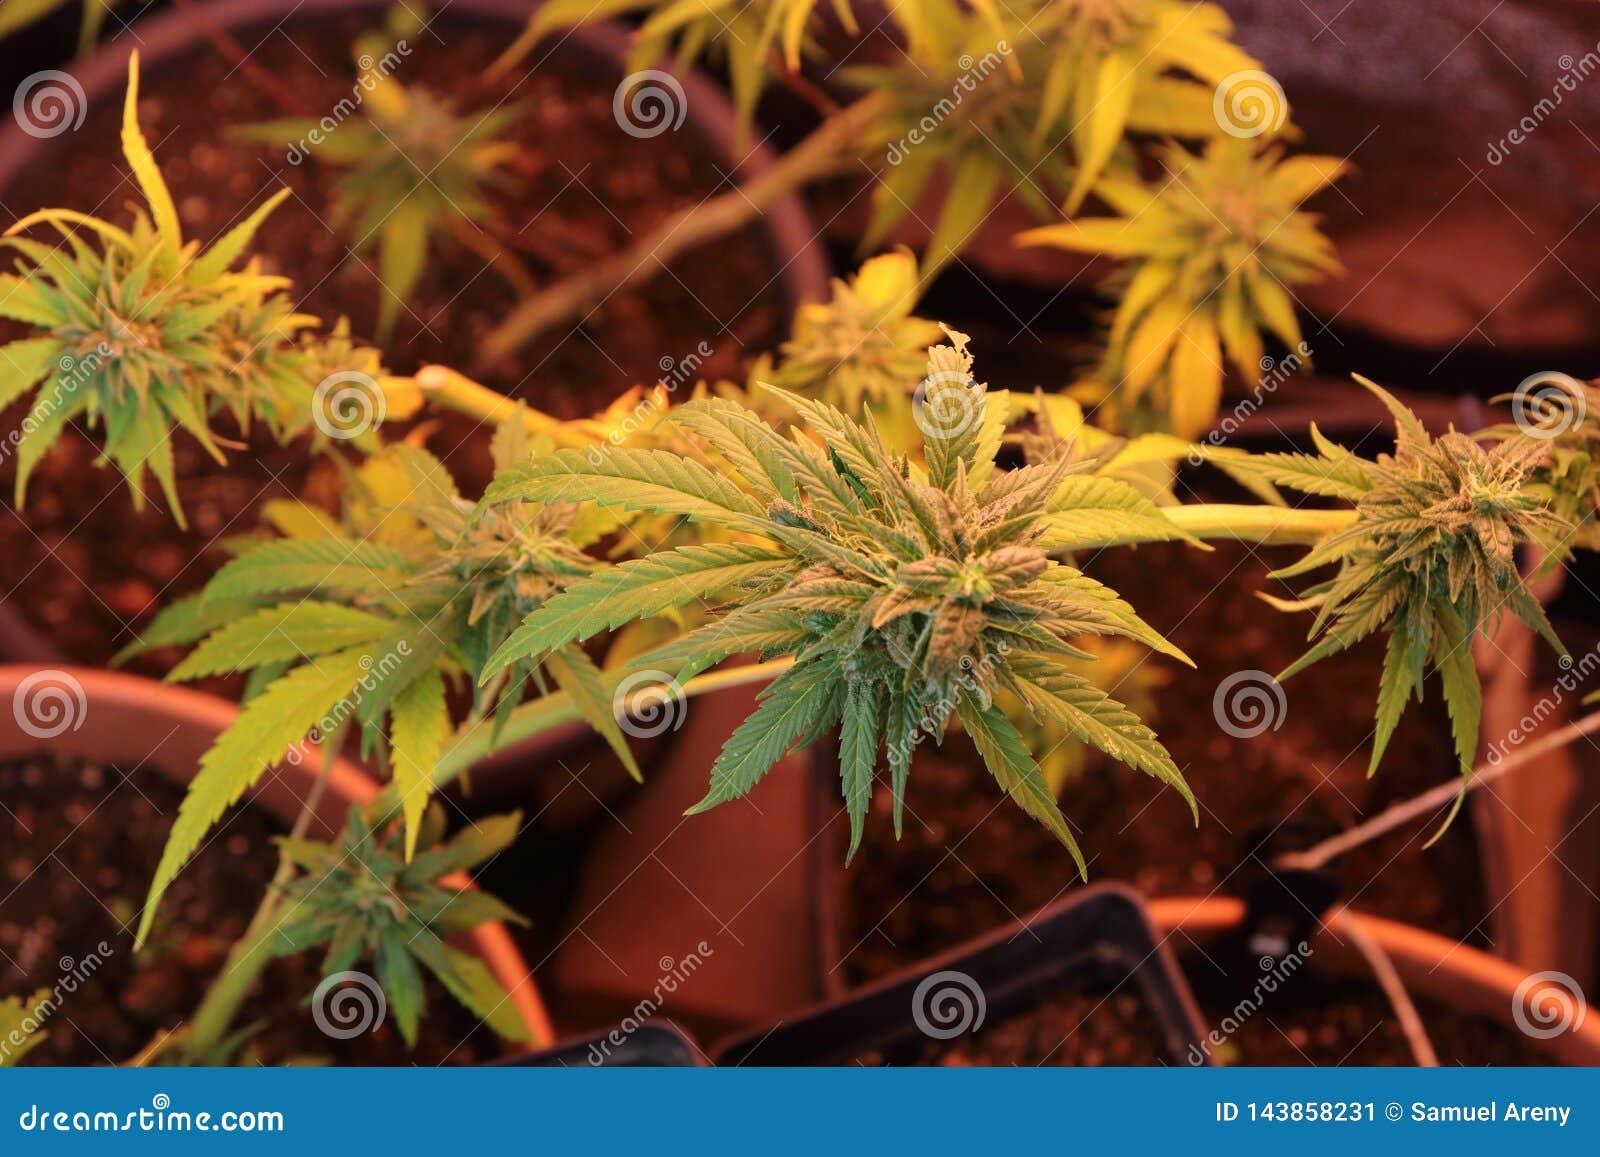 Culture des fleurs de cannabis dans une boîte